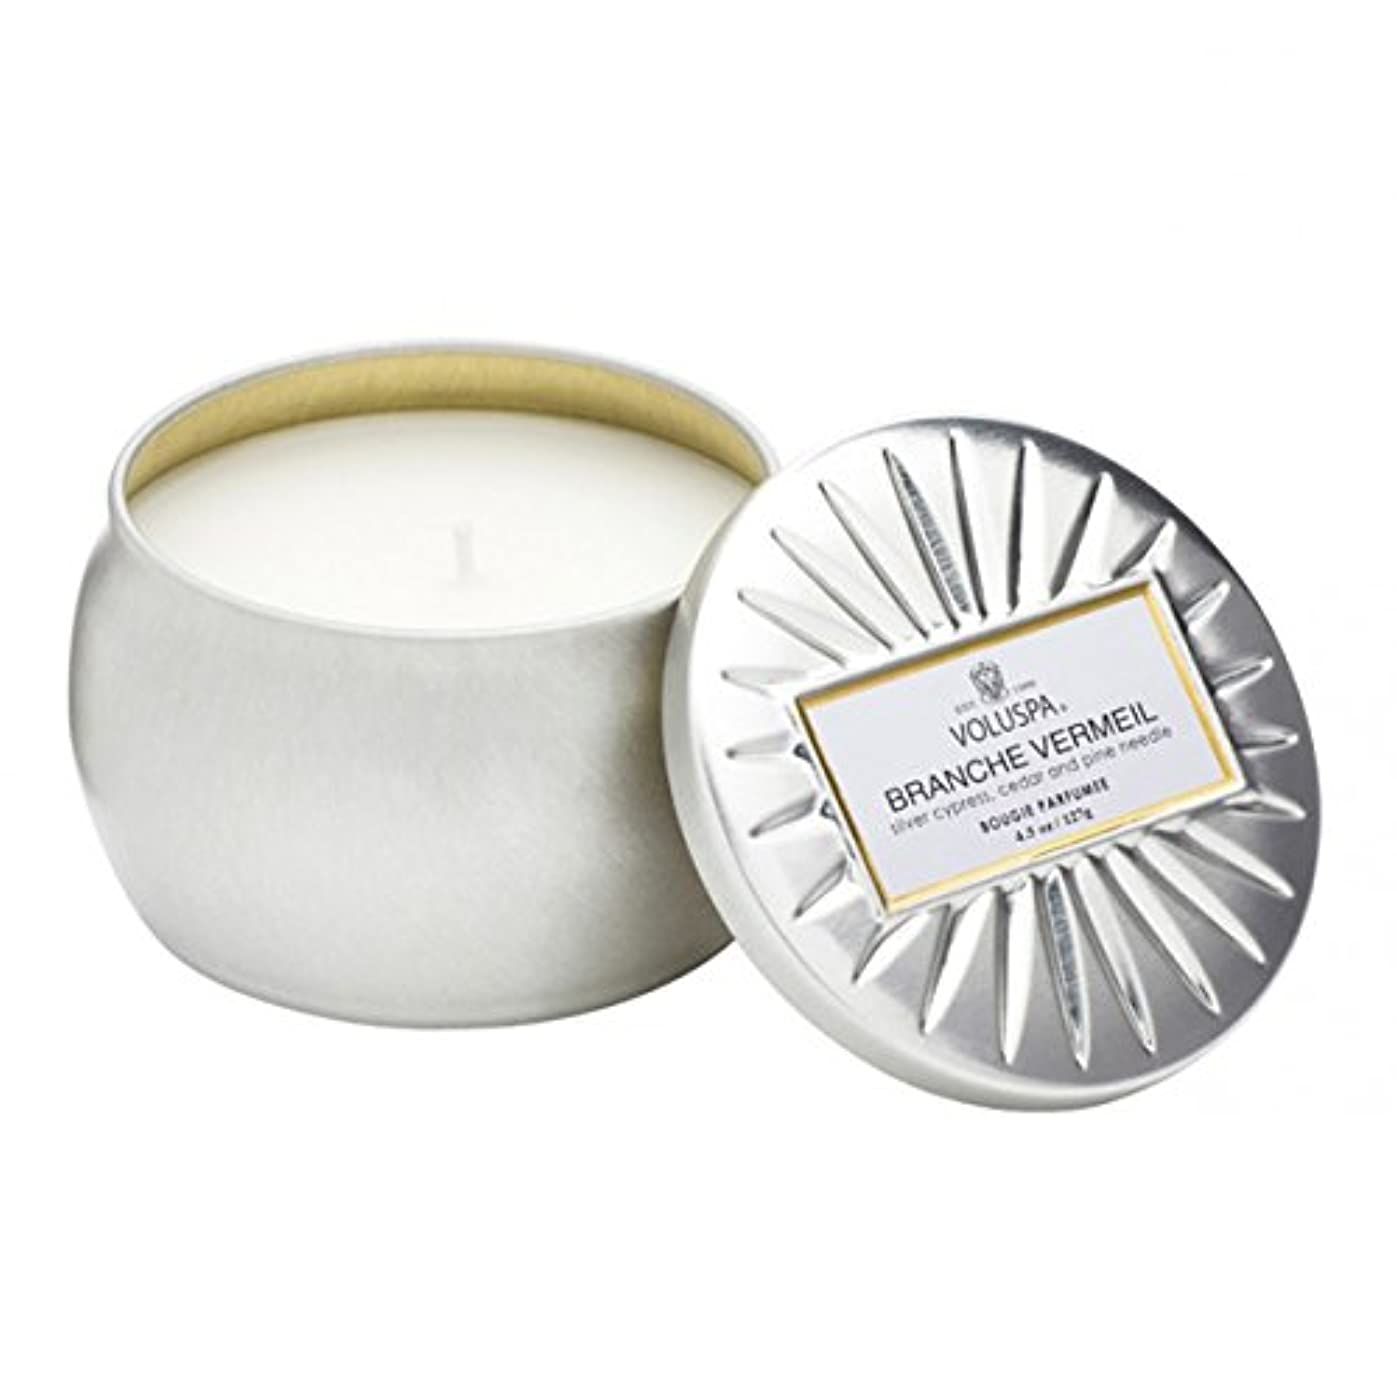 グラマー栄光の意気消沈したVoluspa ボルスパ ヴァーメイル ティンキャンドル  S フ?ランチヴァーメイル BRANCHE VERMEIL VERMEIL PETITE Tin Glass Candle